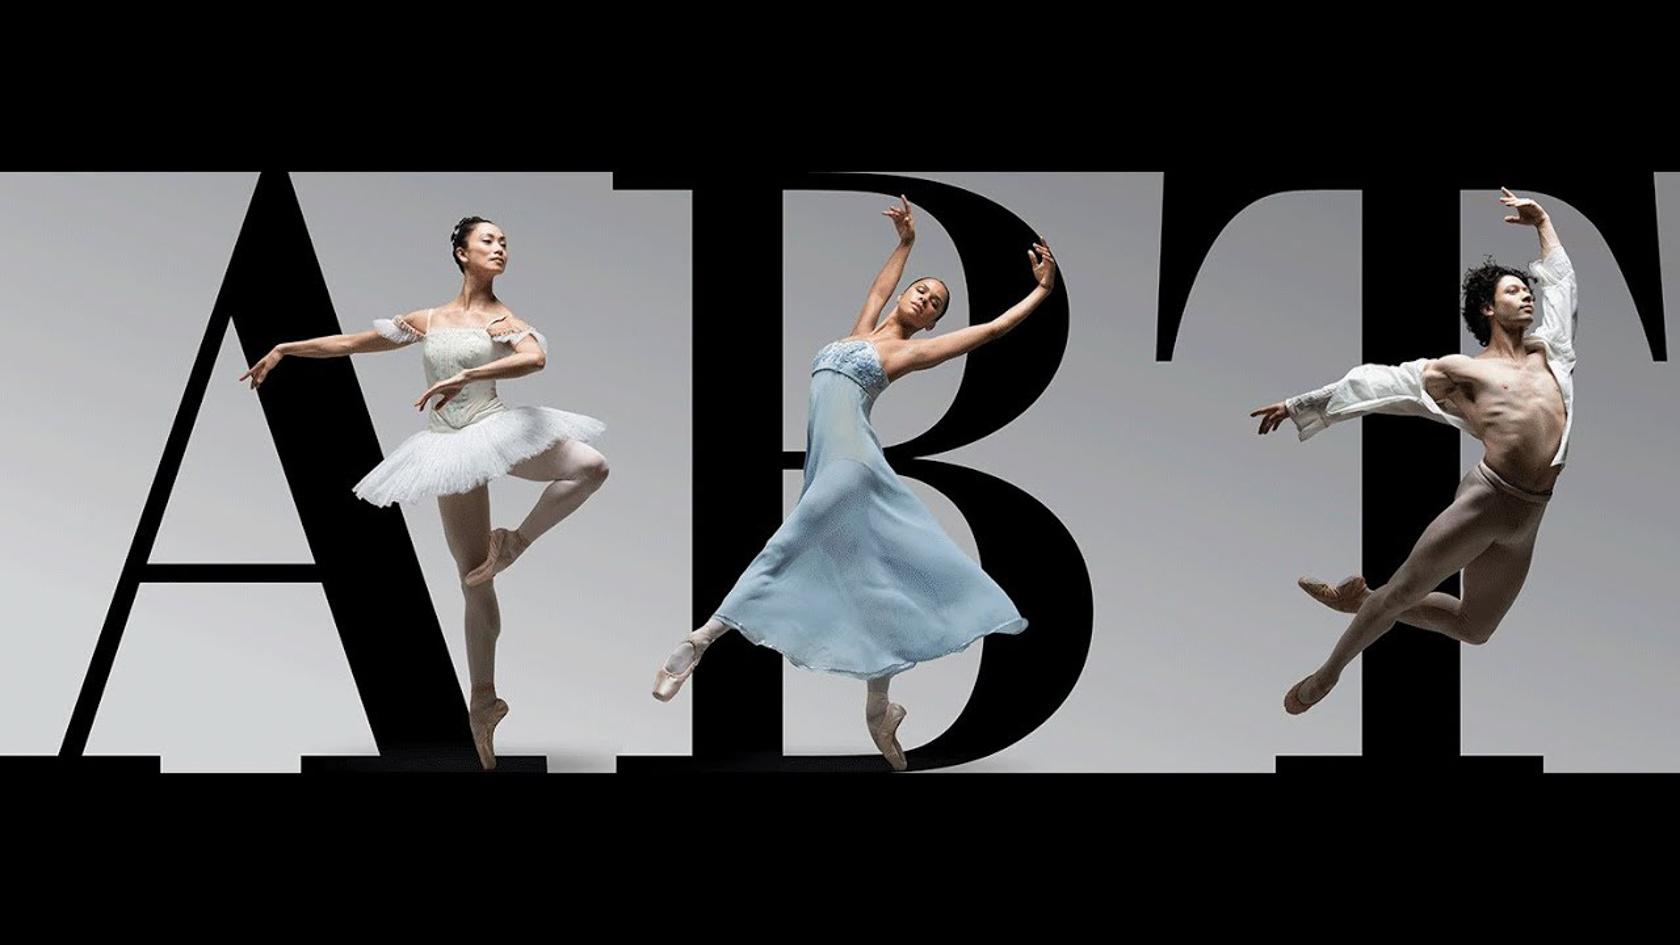 Ballet dancers dancing in front of the American Ballet Theatre logo